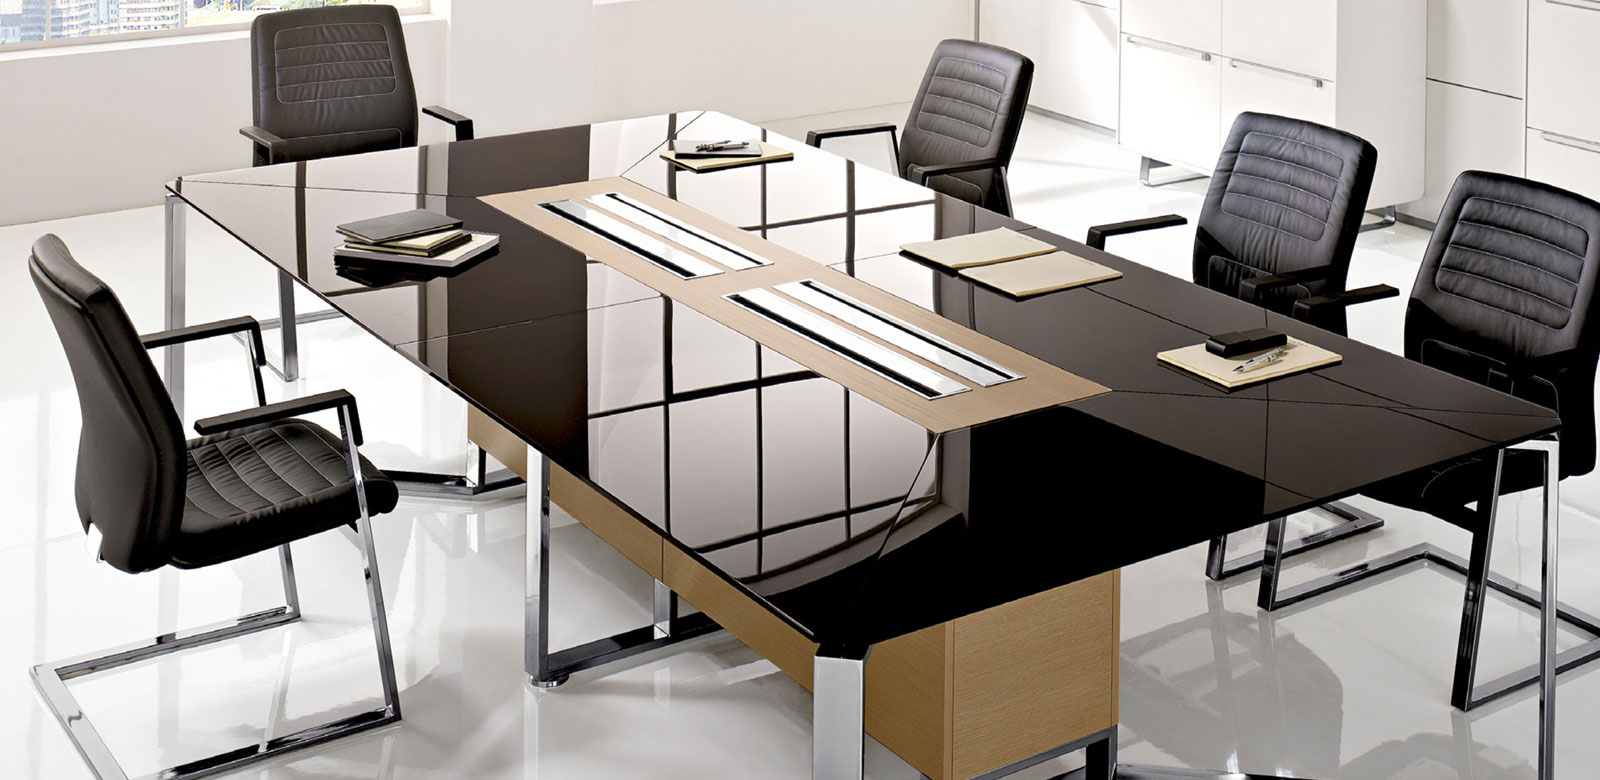 Arredo ufficio arredamento e mobili per ufficio su misura for Las mobili ufficio